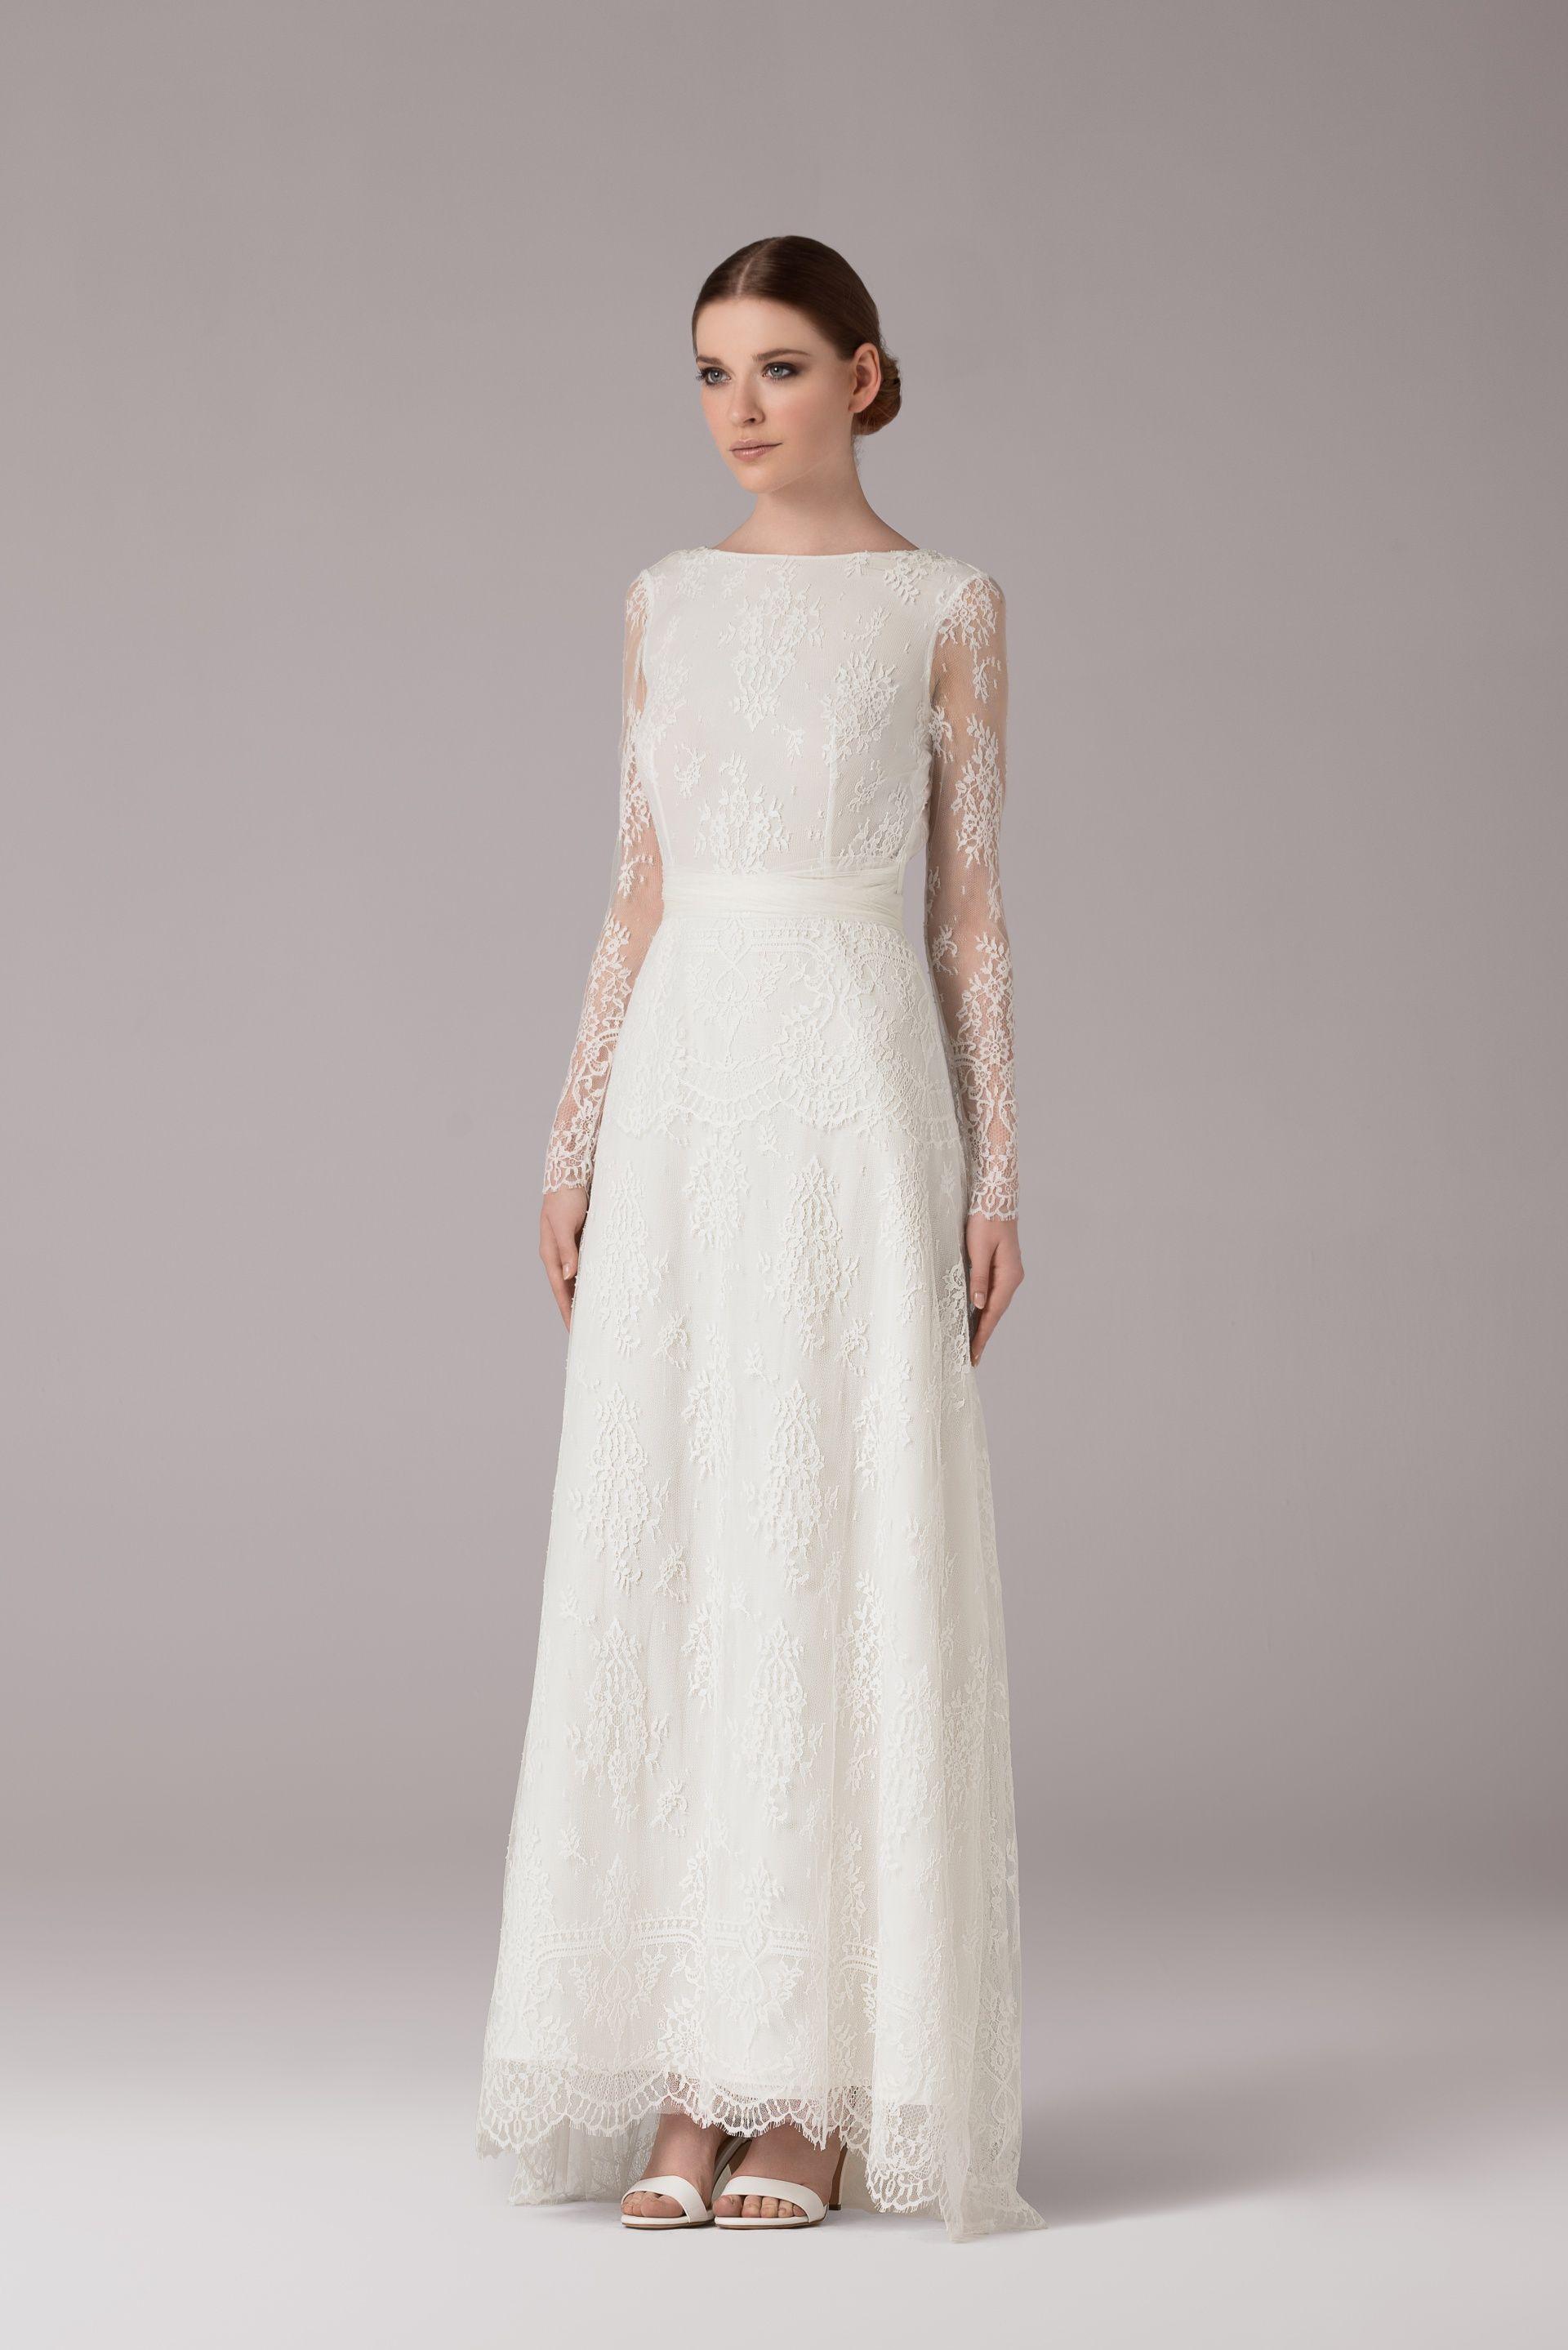 Aileen suknie lubne kolekcja 2015 bridal pinterest aileen suknie lubne kolekcja 2015 ombrellifo Image collections